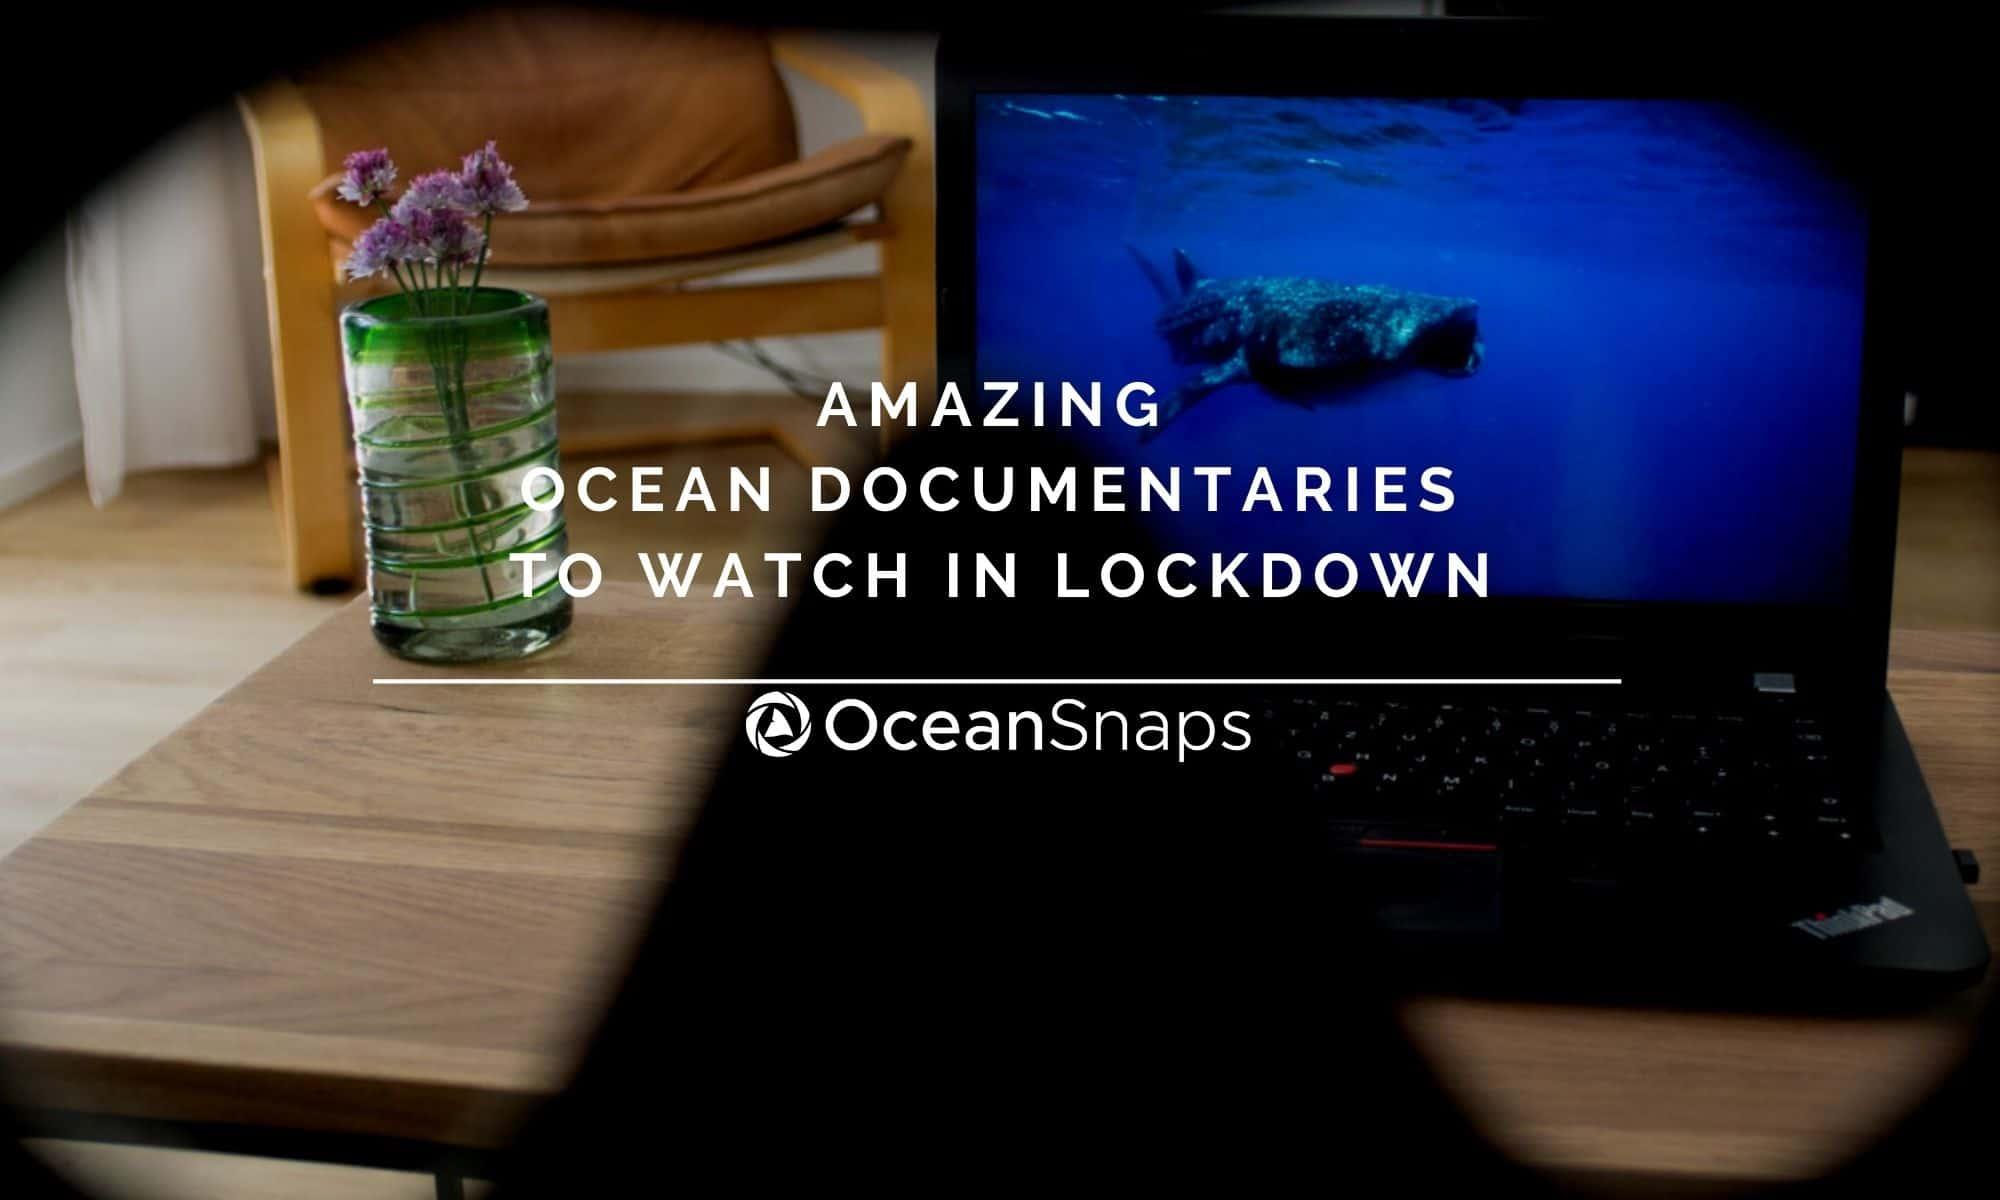 ocean documentaries